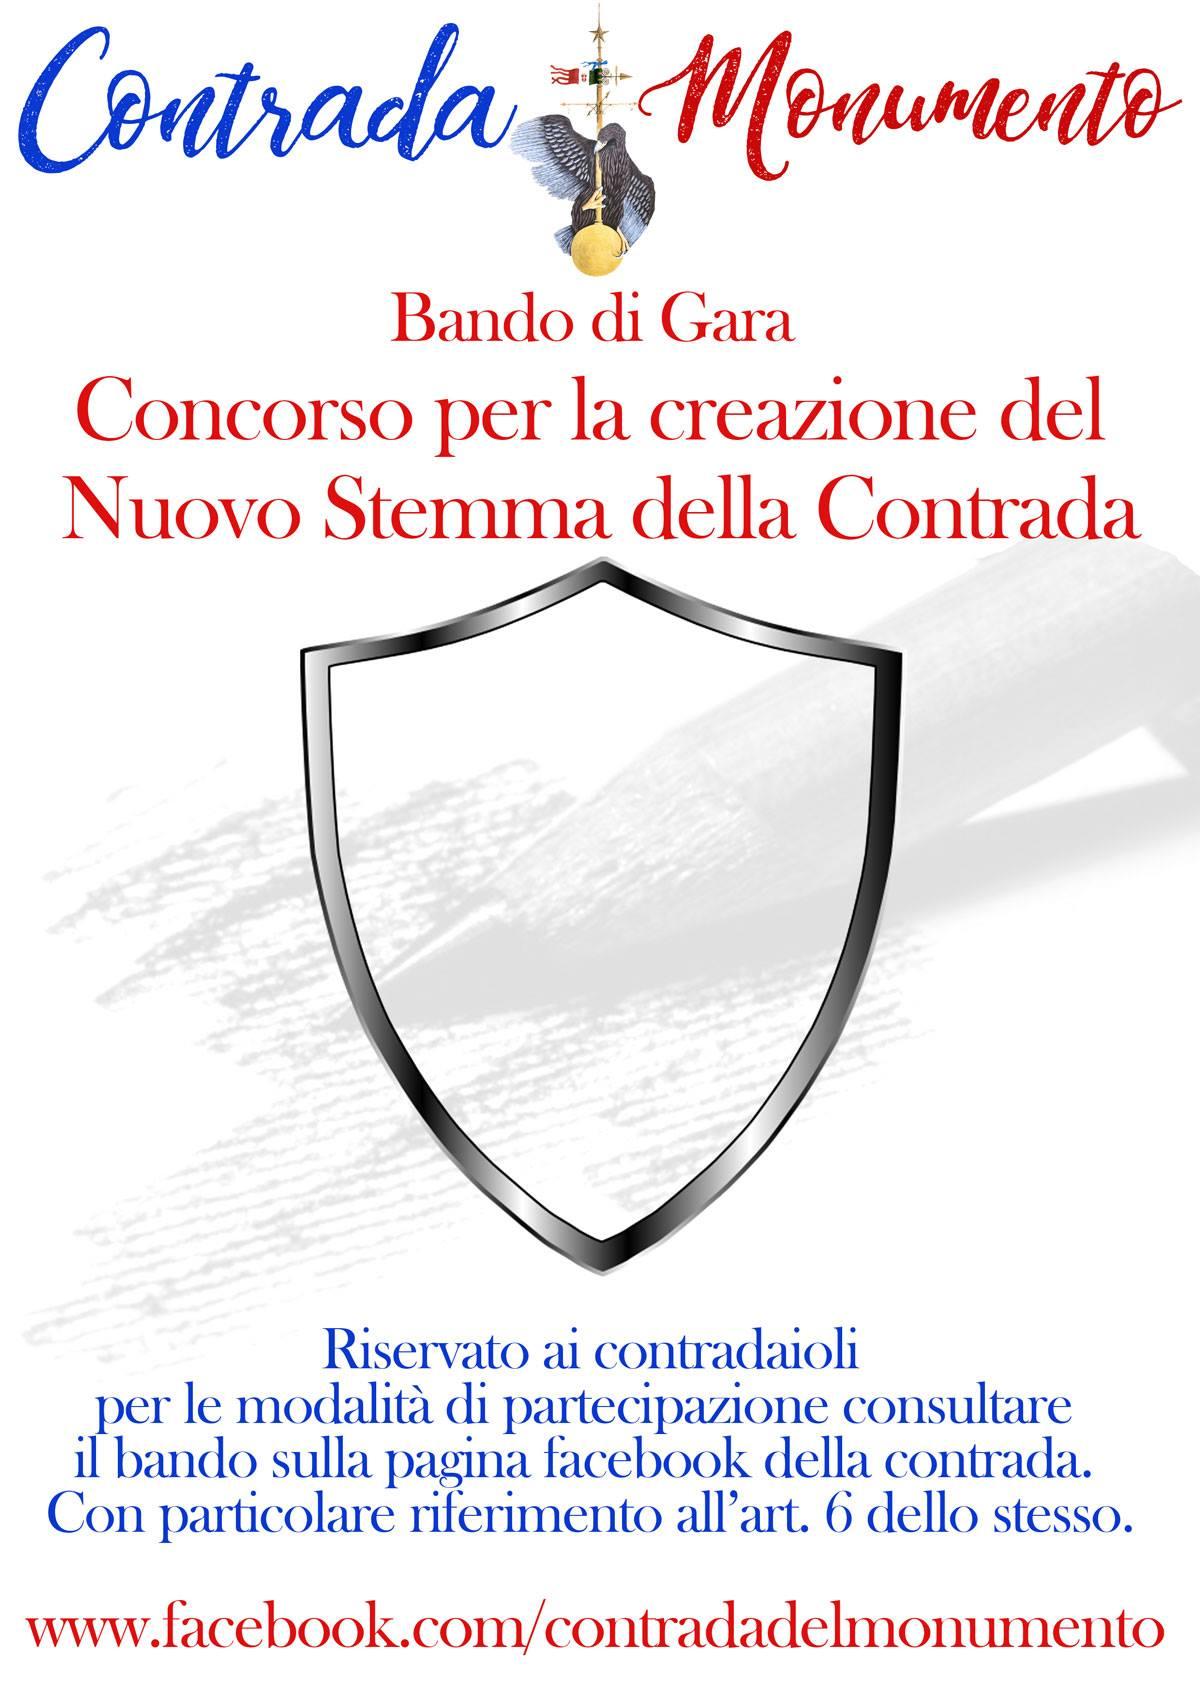 Castel del Piano: il Monumento indice un concorso per la creazione del nuovo Stemma